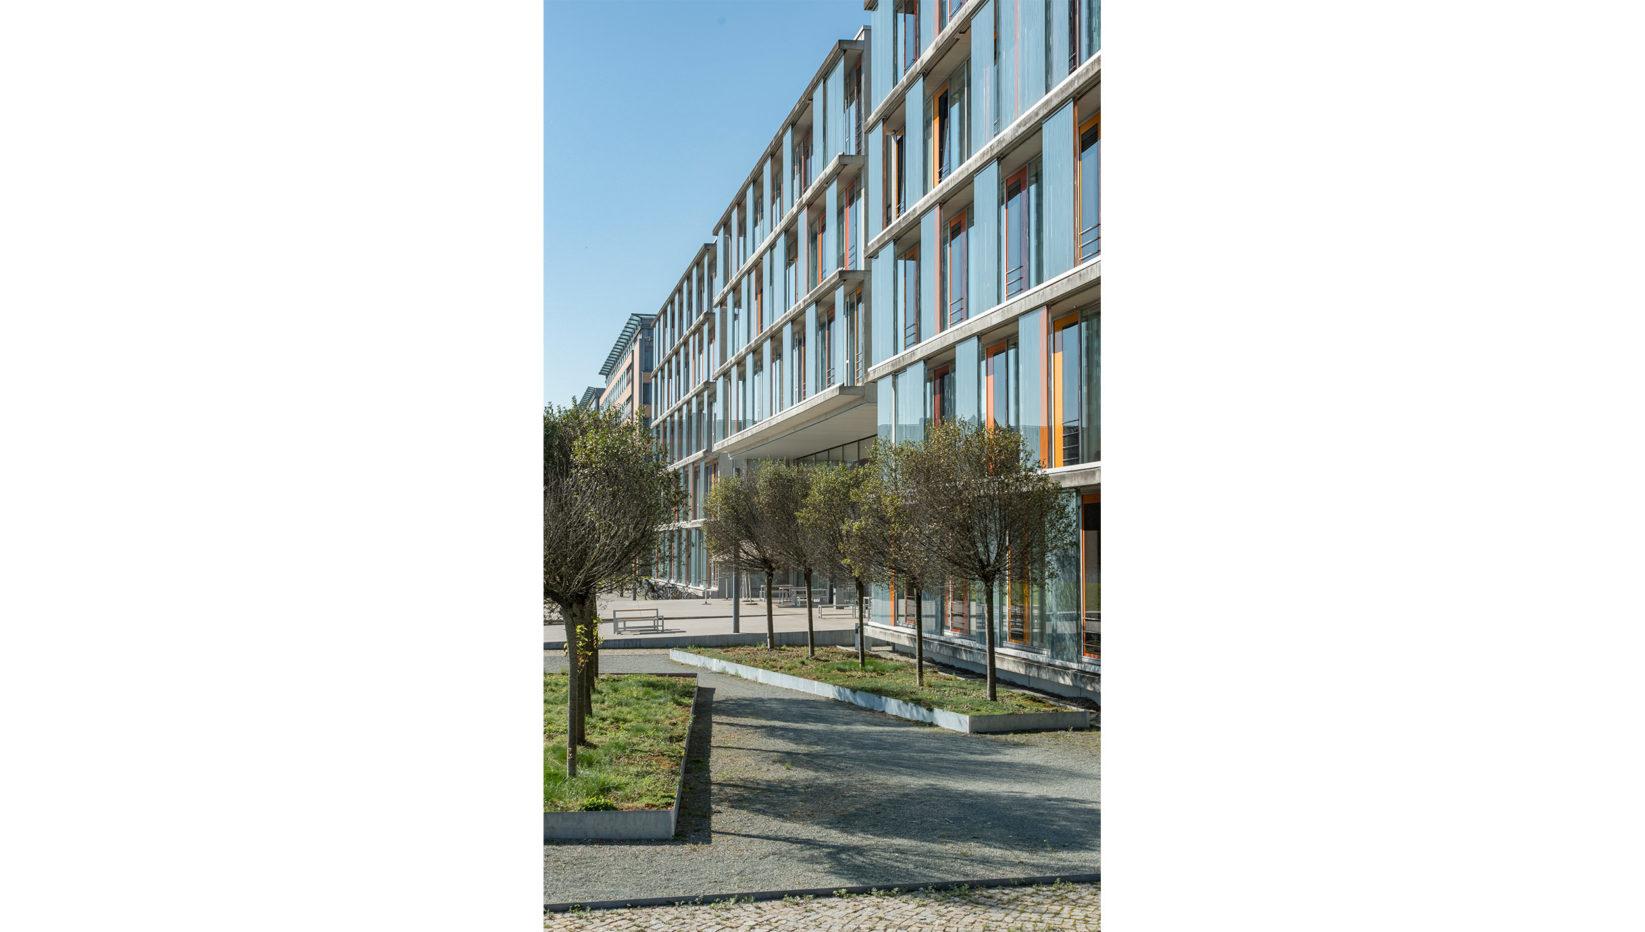 Nordwestansicht des Forschungszentrums München mit steilem Fluchtwinkel. Davor eine Anordnung von gepflanzten Bäumen vor dem Gebäude.